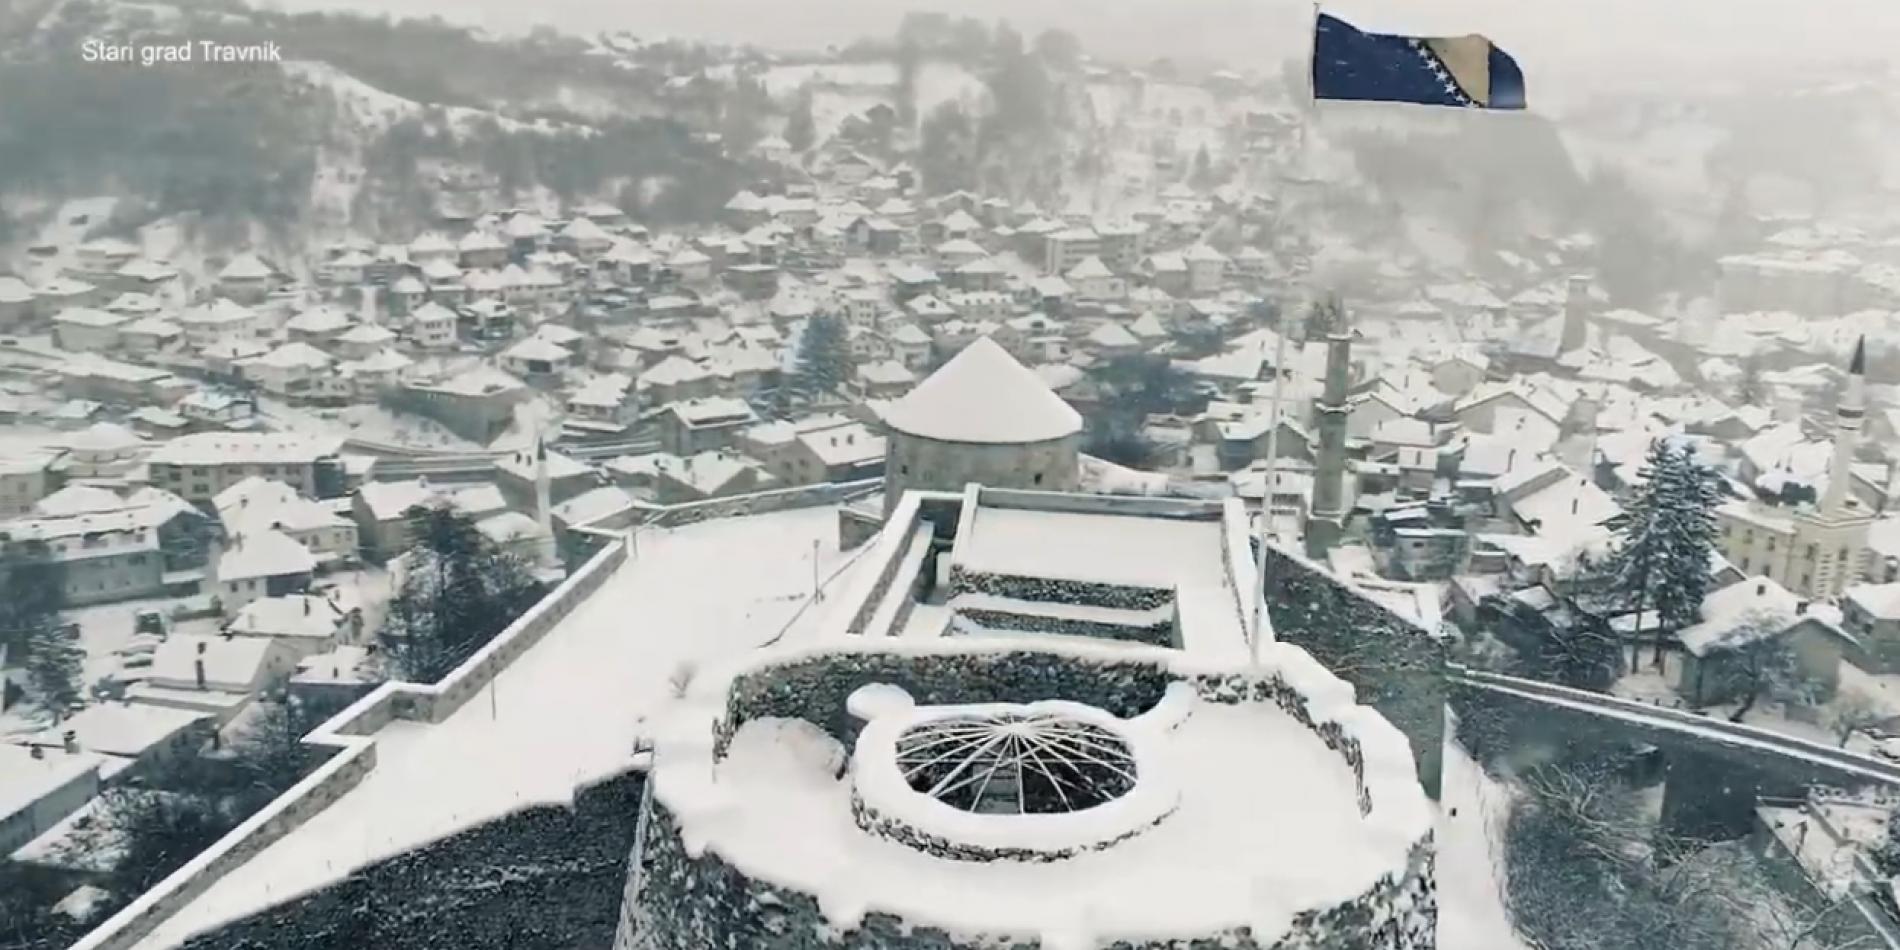 Stari bosanski gradovi: Jajce i Travnik u zimskoj čaroliji – VIDEO